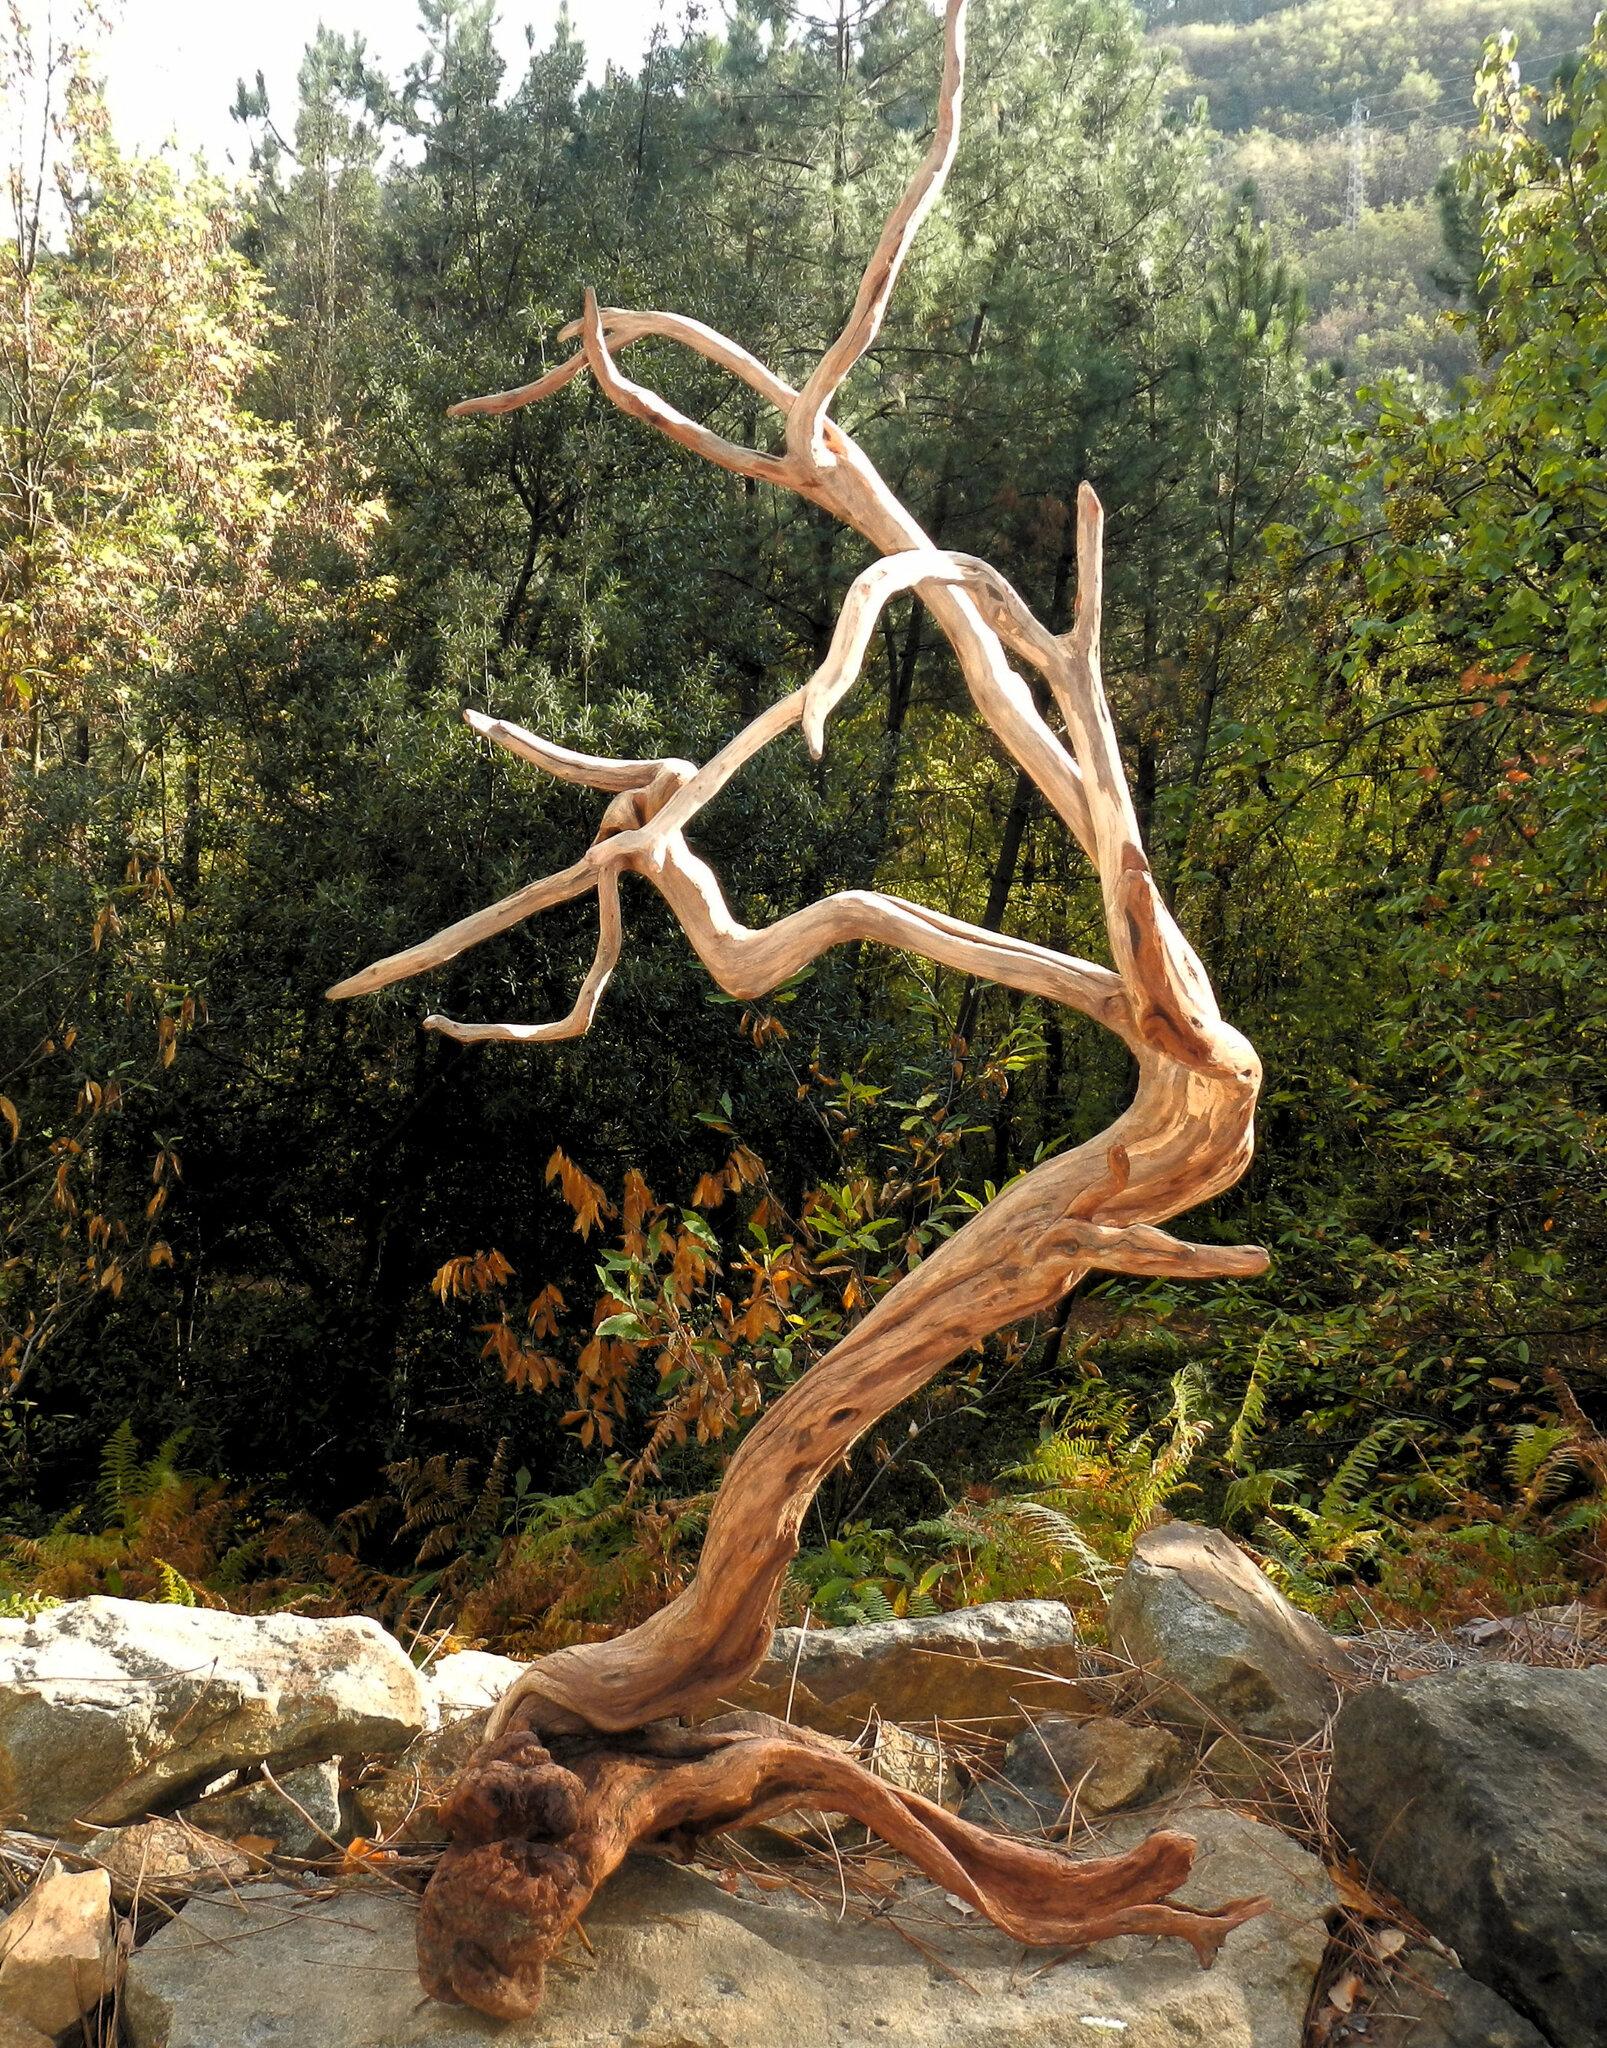 souche de bruyère arborescente bien travaillée yurtao